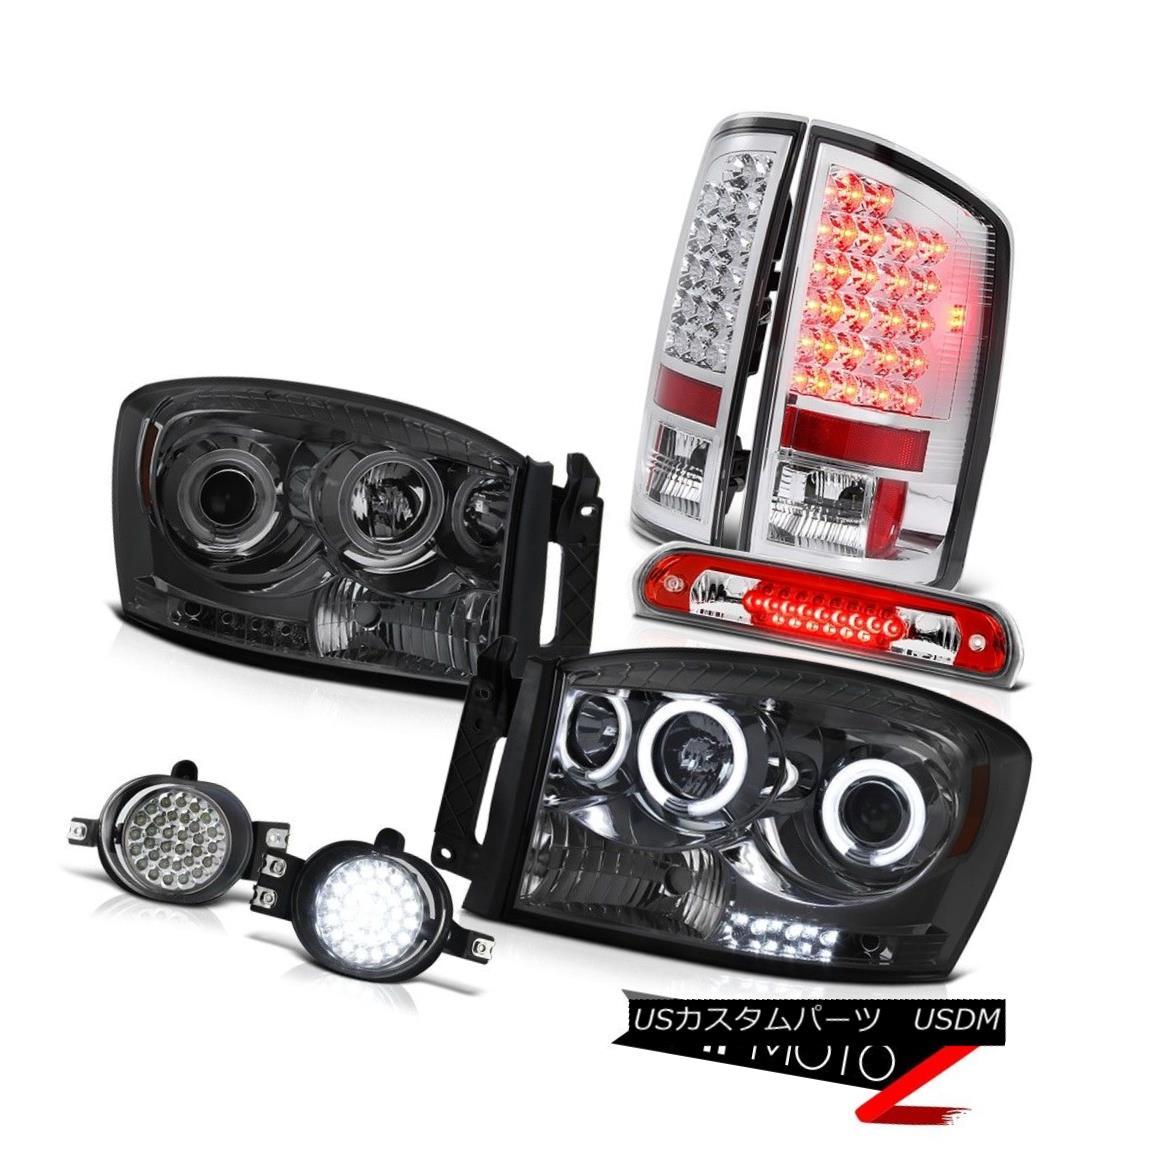 テールライト 07 08 Ram CCFL Angel Eye Headlamps SMD Tail Lights Fog Wine Red Third Brake LED 07 08 Ram CCFLエンジェルアイヘッドランプSMDテールライトフォグワインレッドThird Brake LED